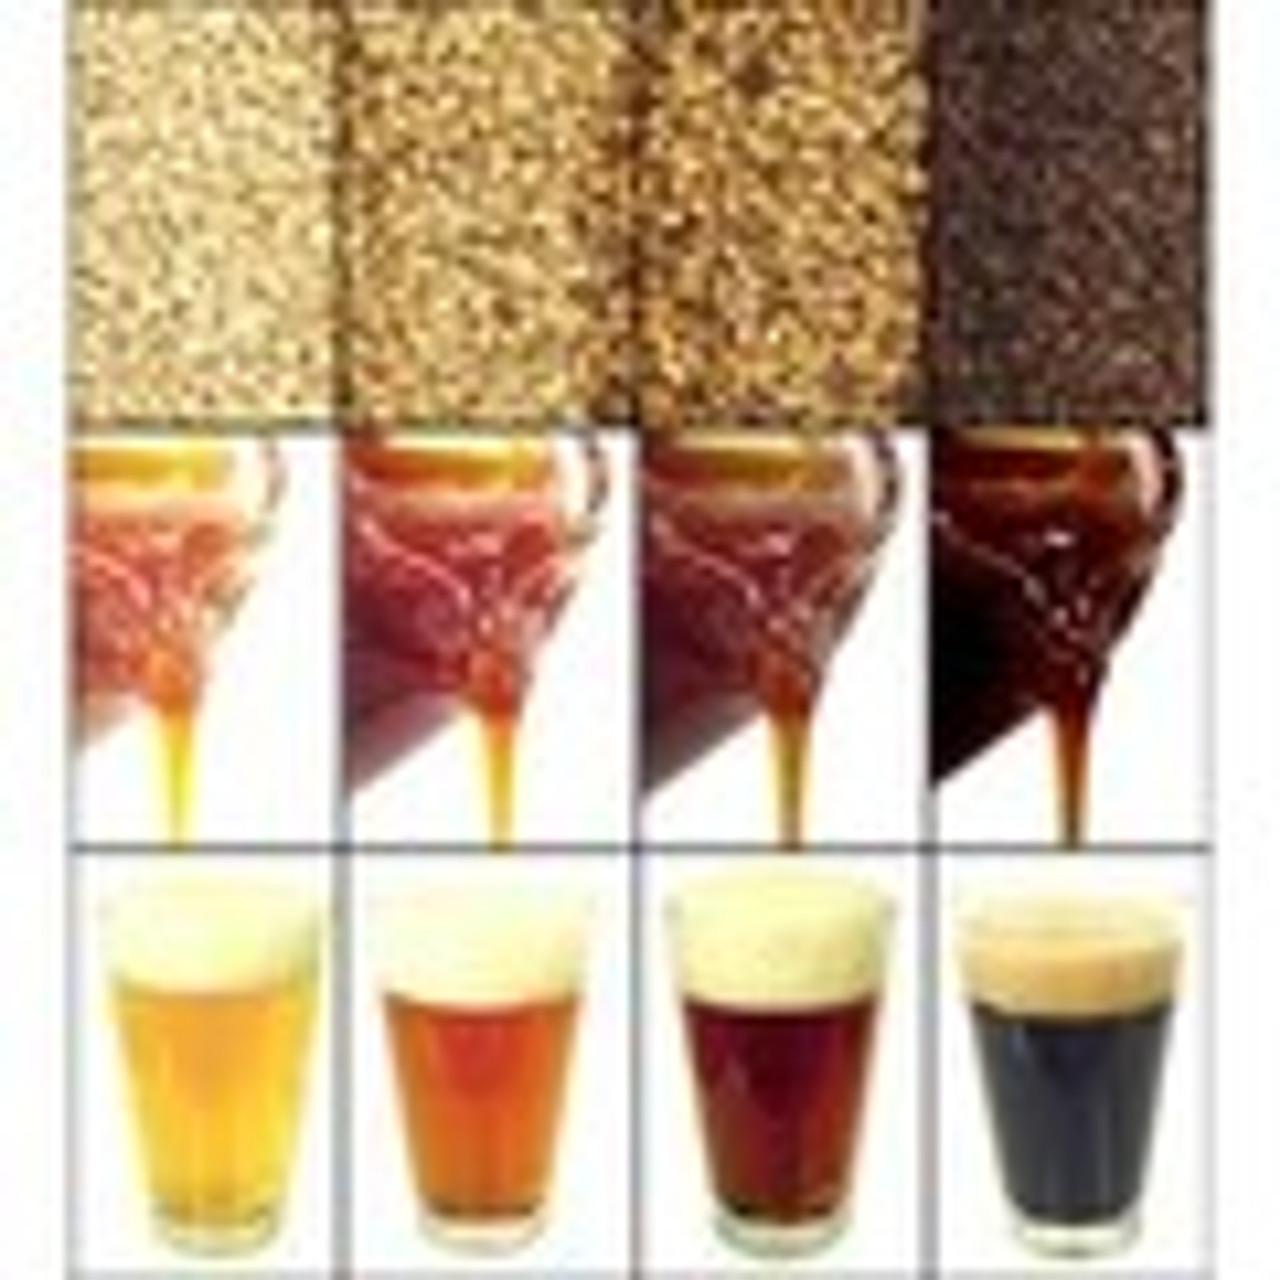 Malt-Liquid